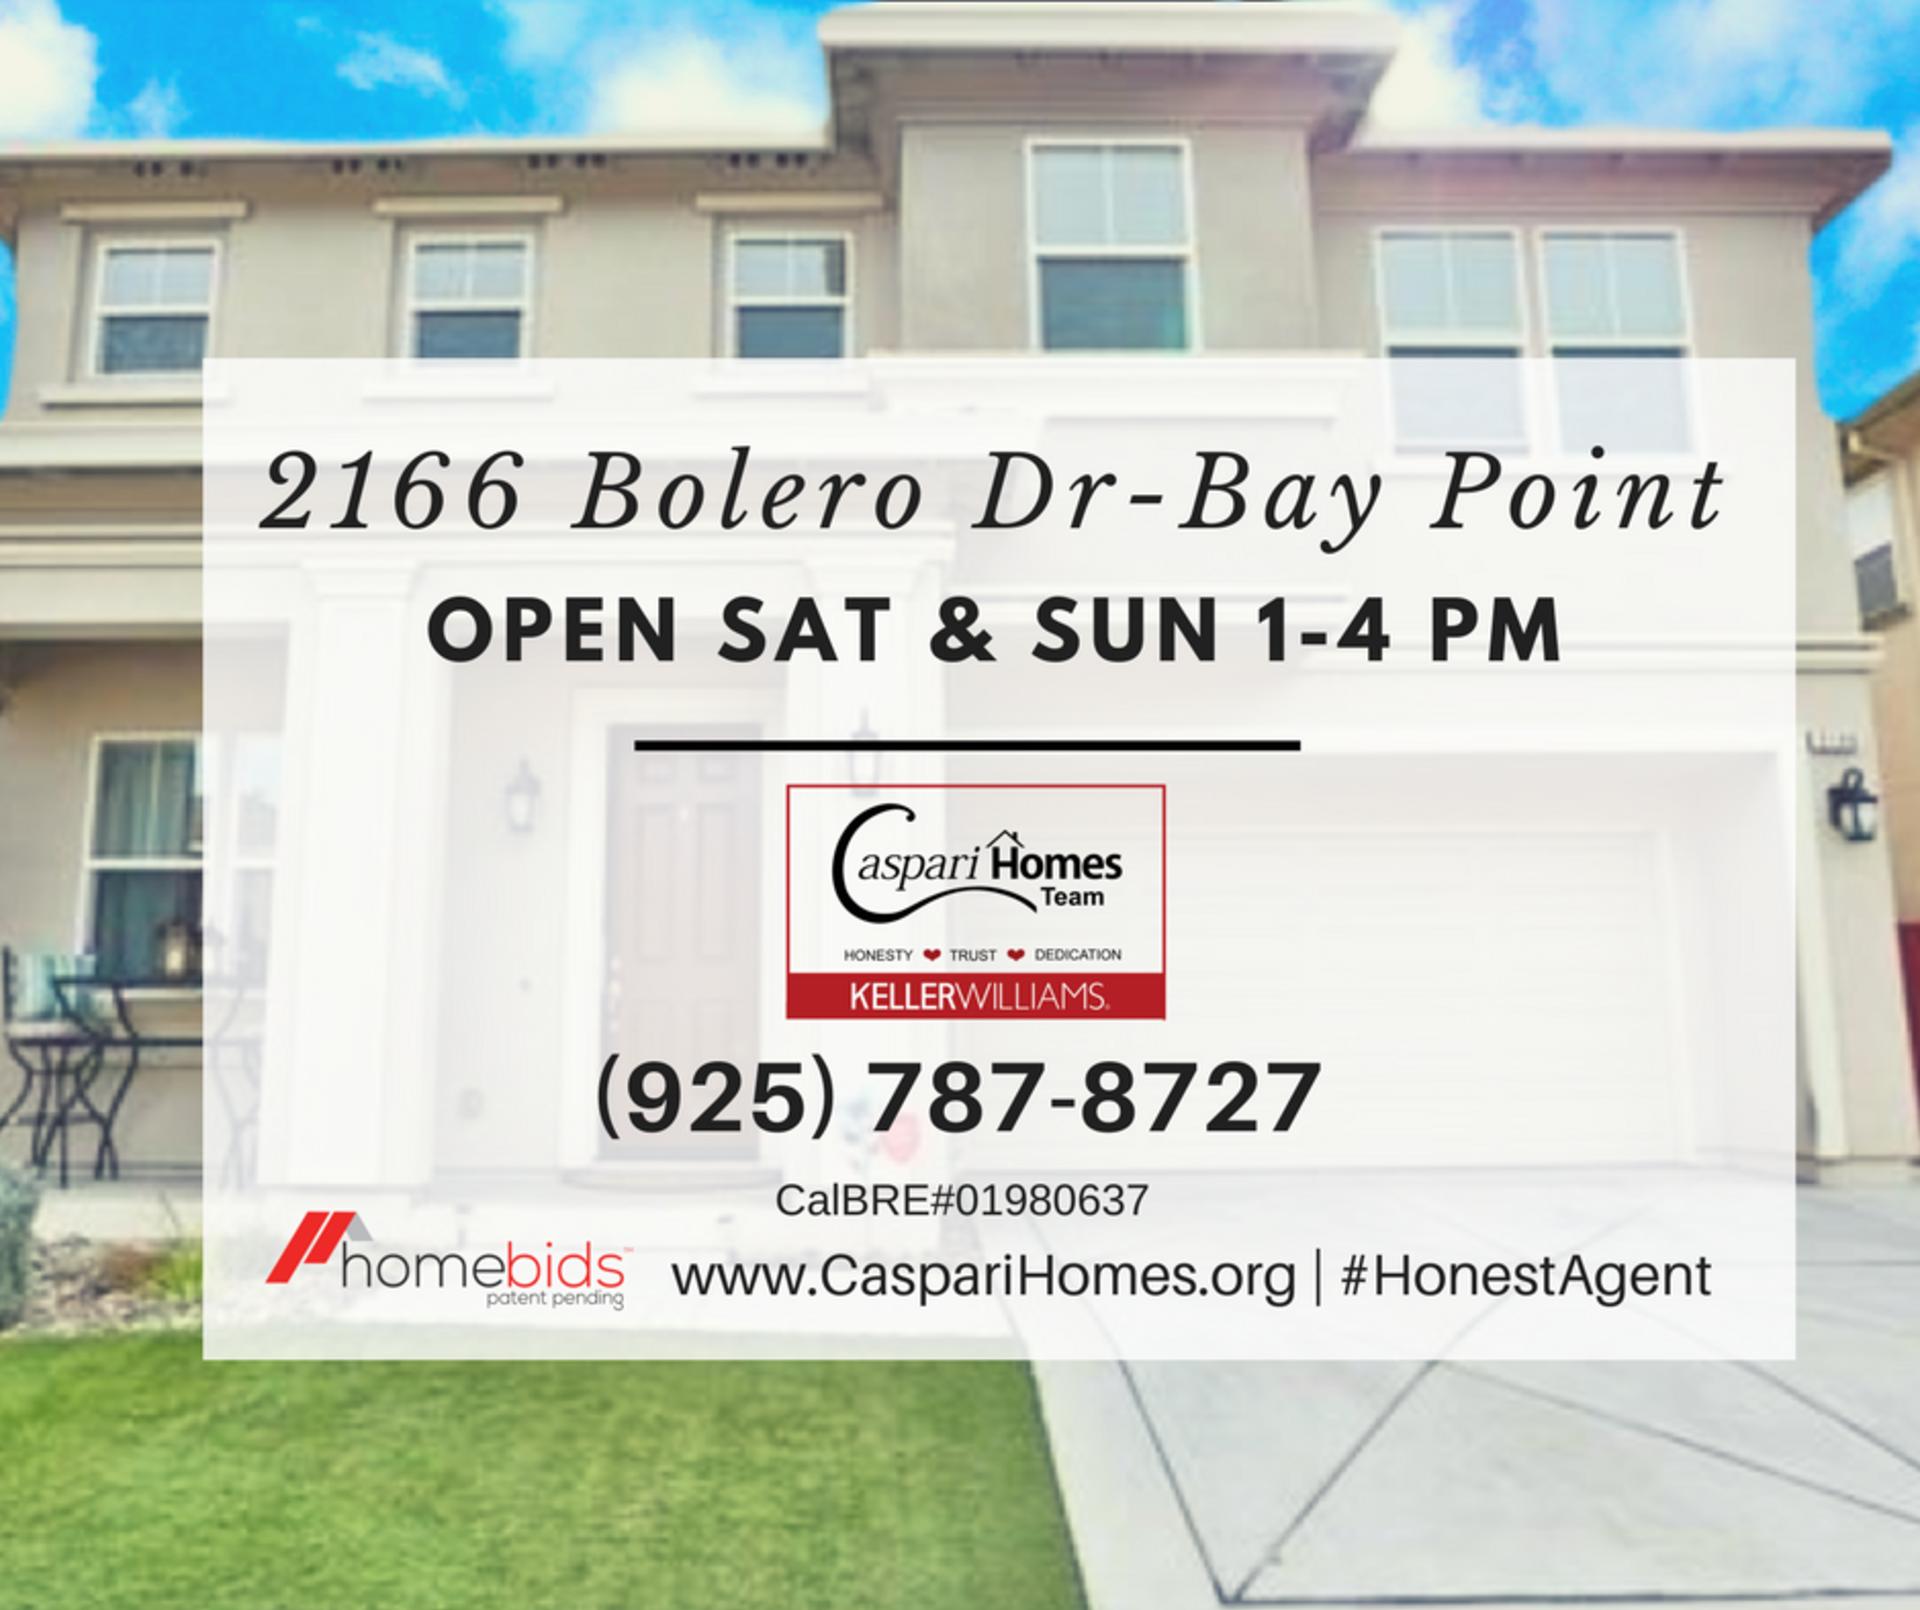 OPEN HOUSE 2166 Bolero Dr – Bay Point